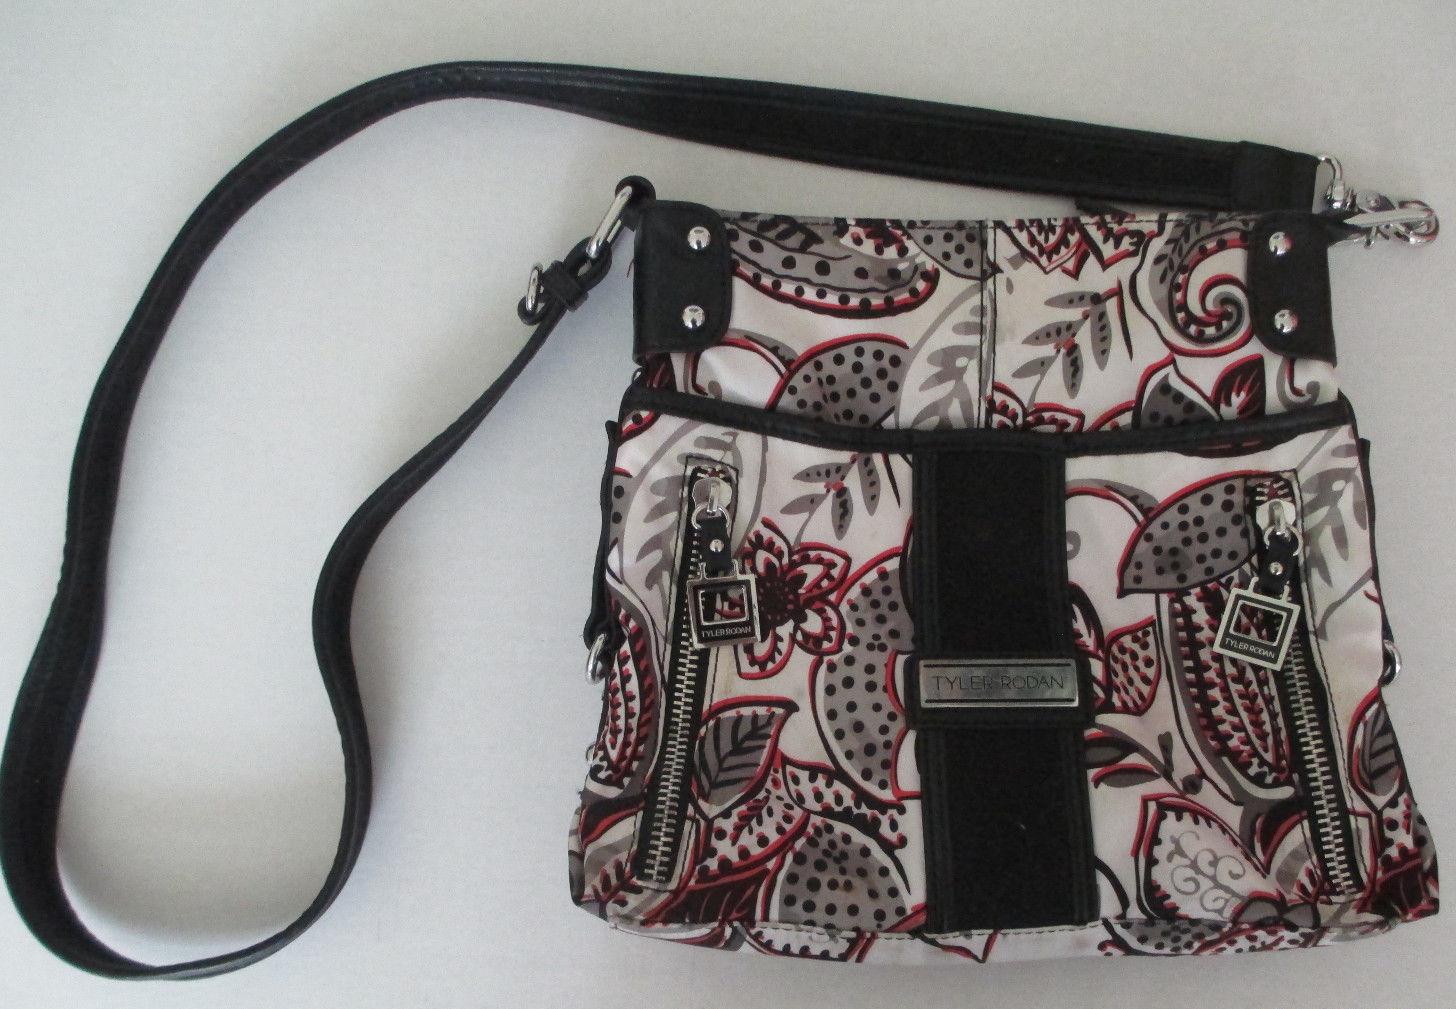 Tyler Rodan Bag 1 Customer Review And 5 Listings